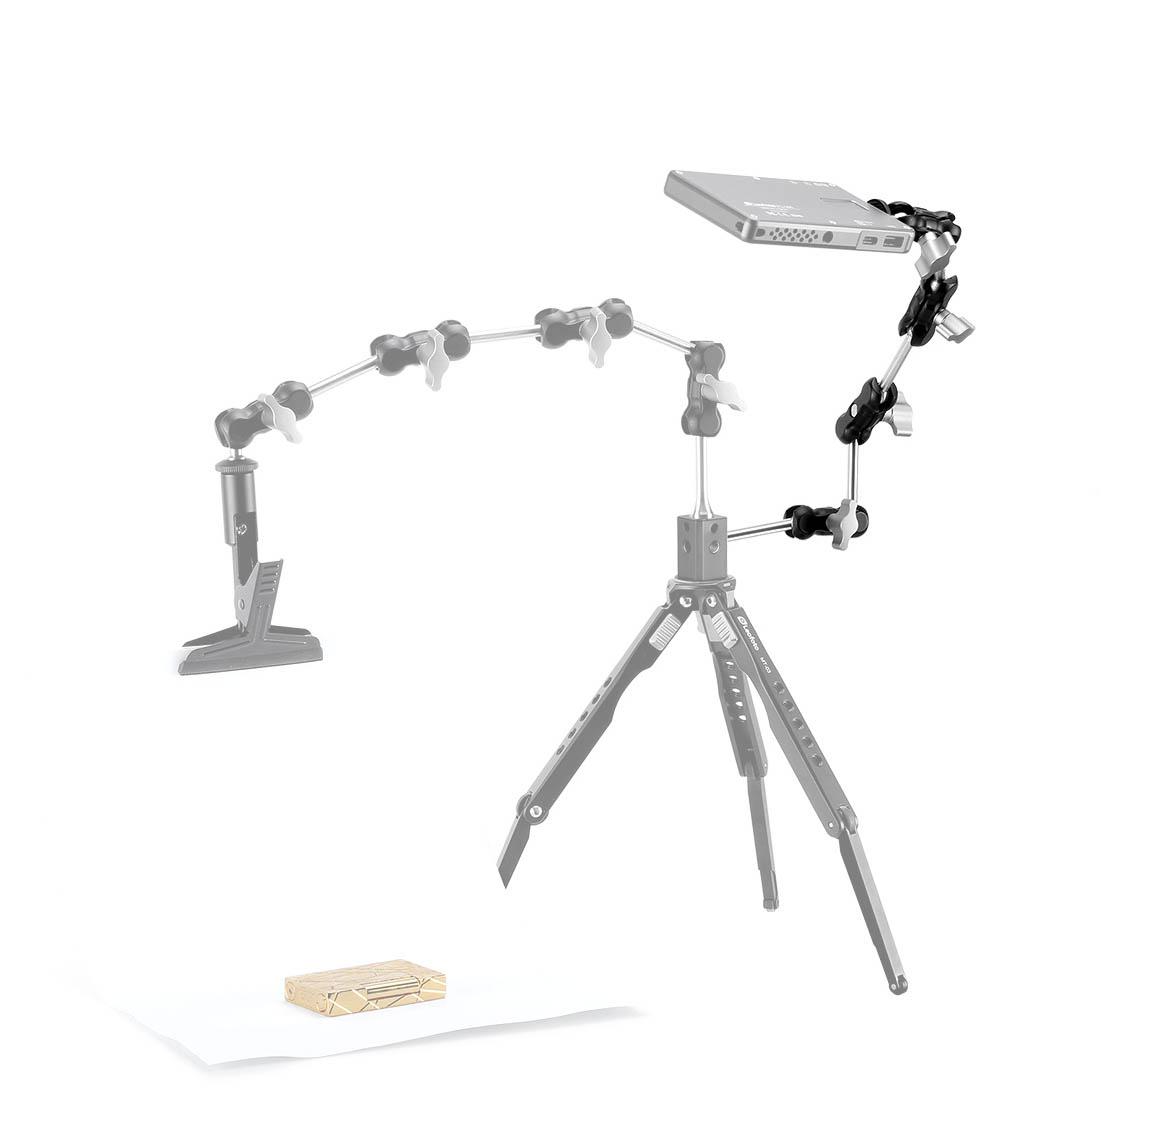 Leofoto AM-1XL de 4 secciones articulables